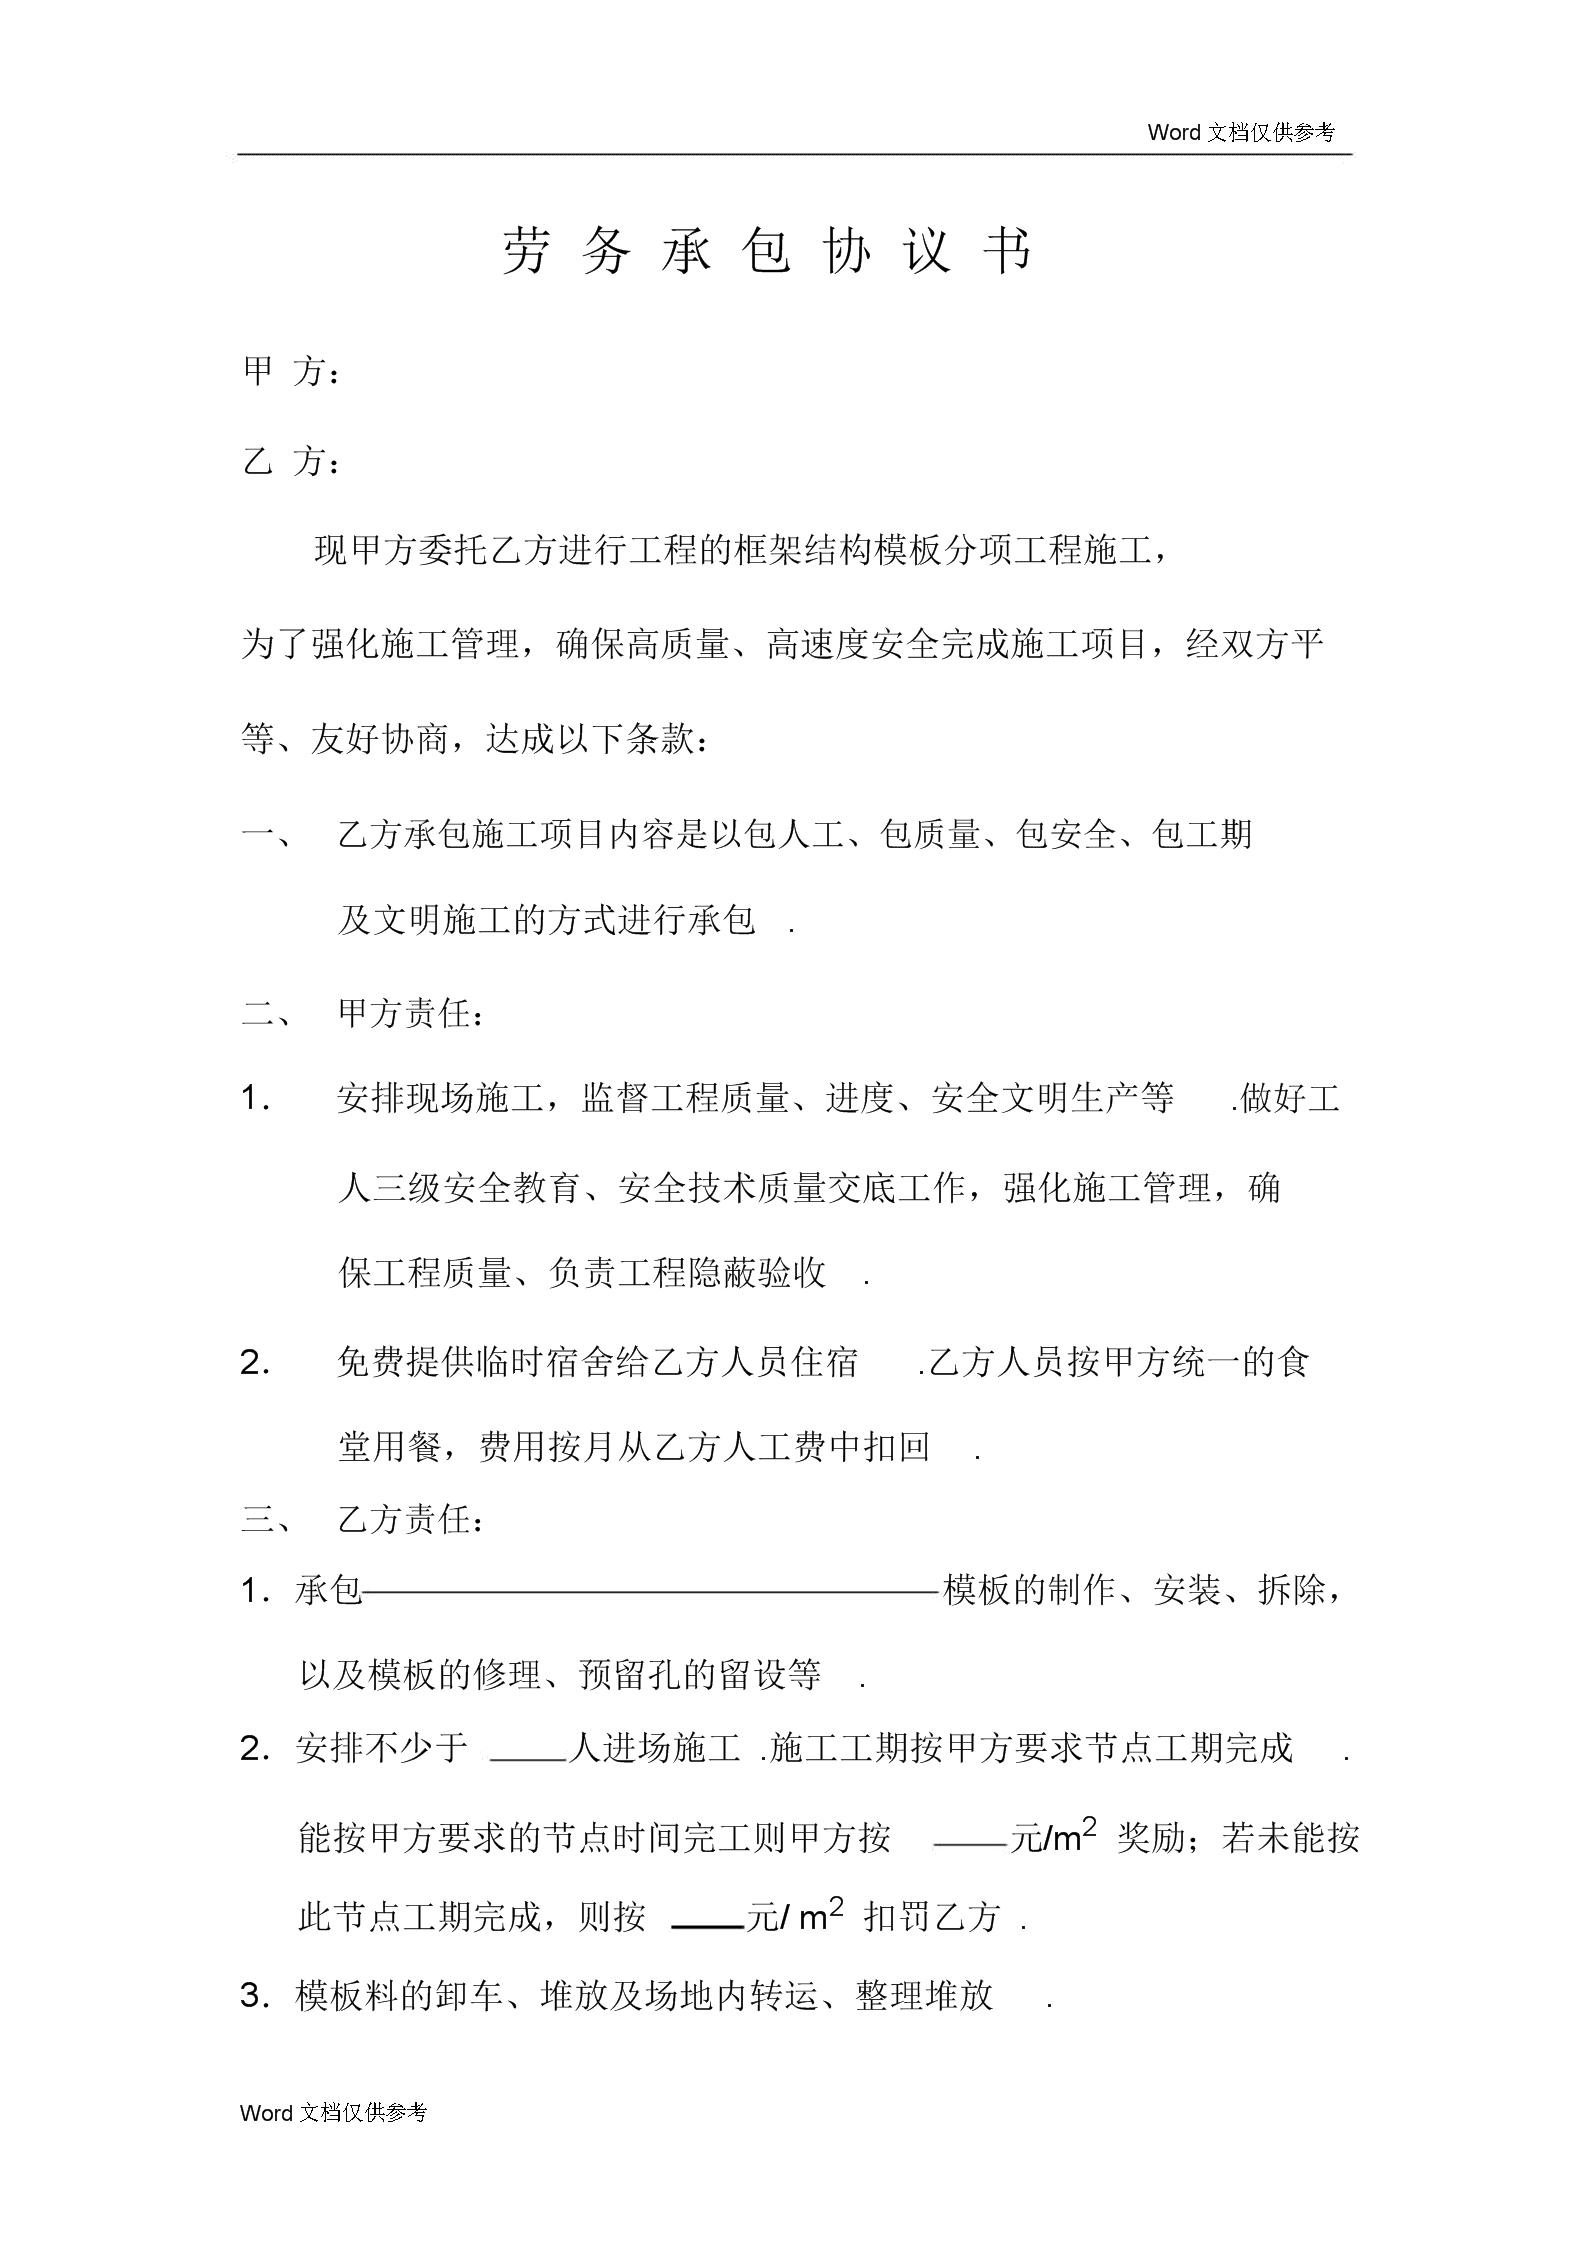 劳务承包合同书(木工版本).模板.doc